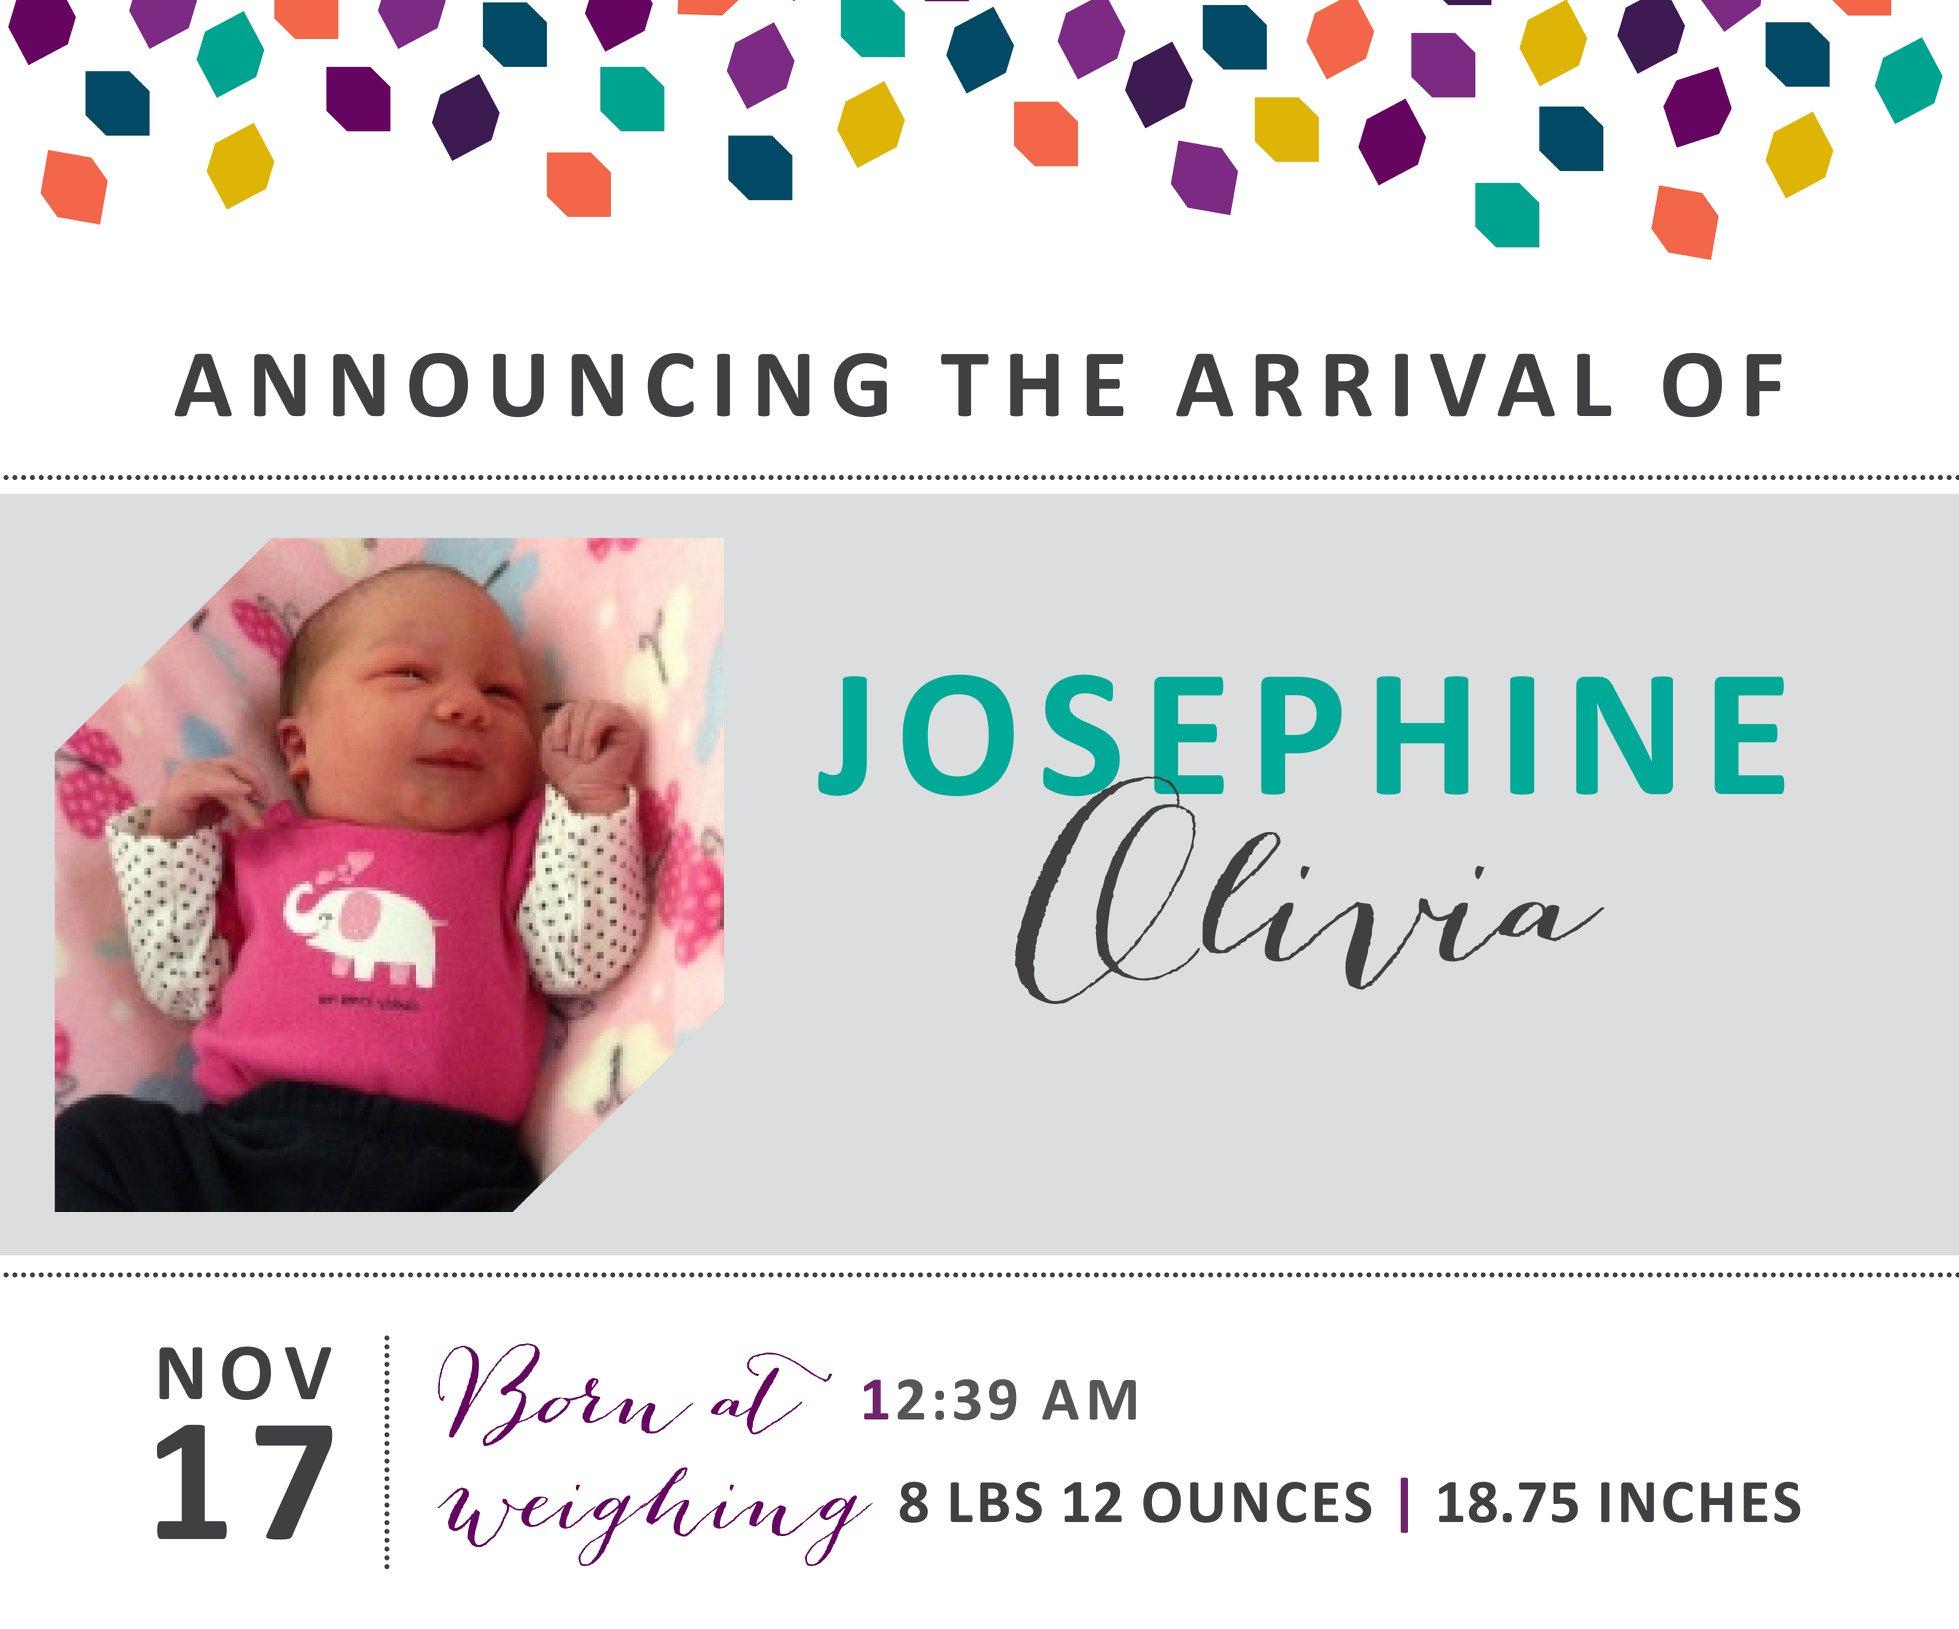 Josephine Olivia 1